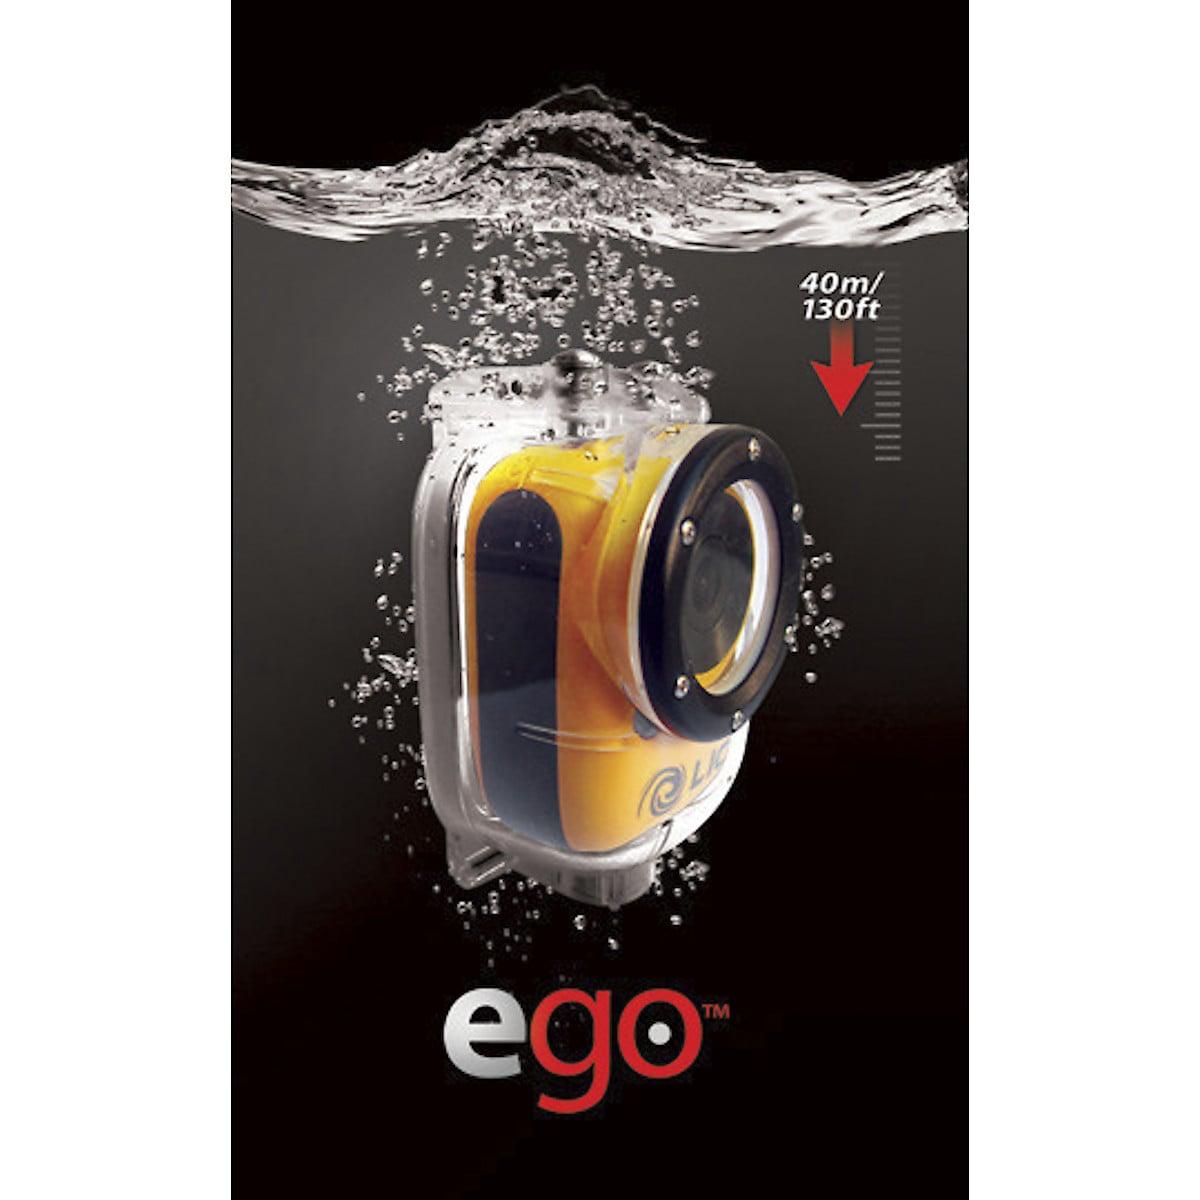 Liquid Image EGO undervannshus